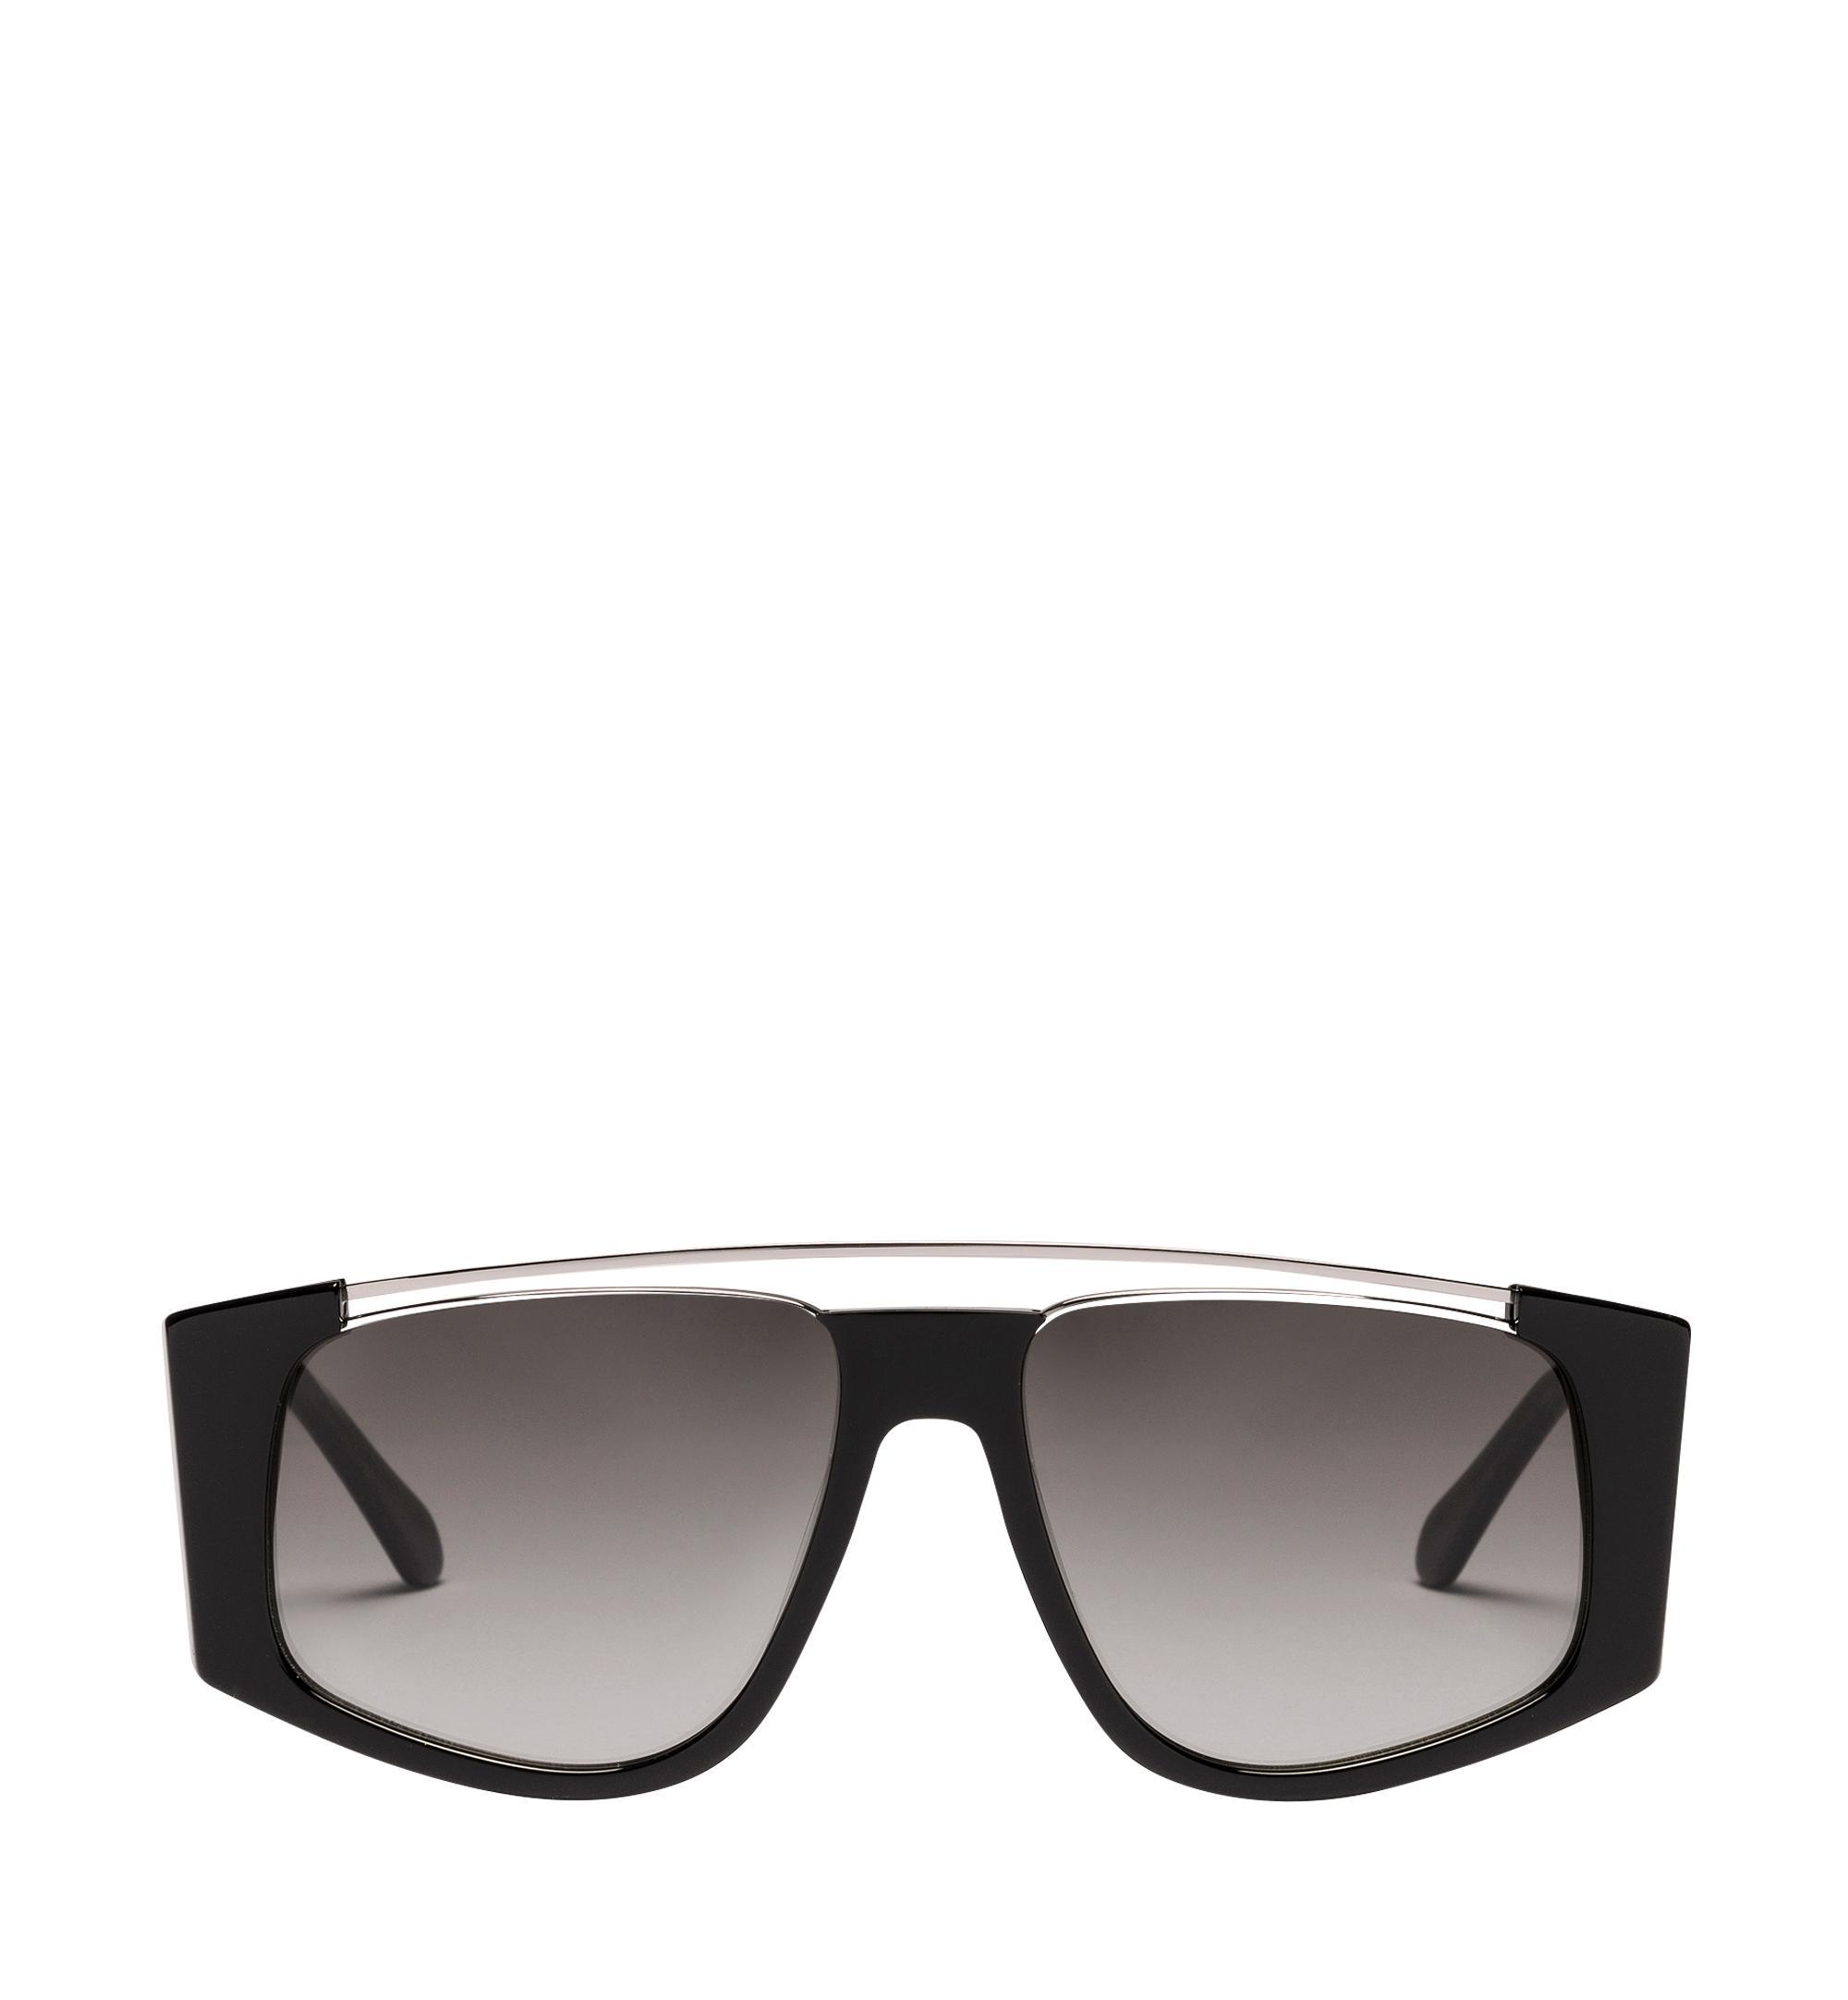 3e312c9c037 MCM Square Logo Plaque Sunglasses in Black for Men - Lyst